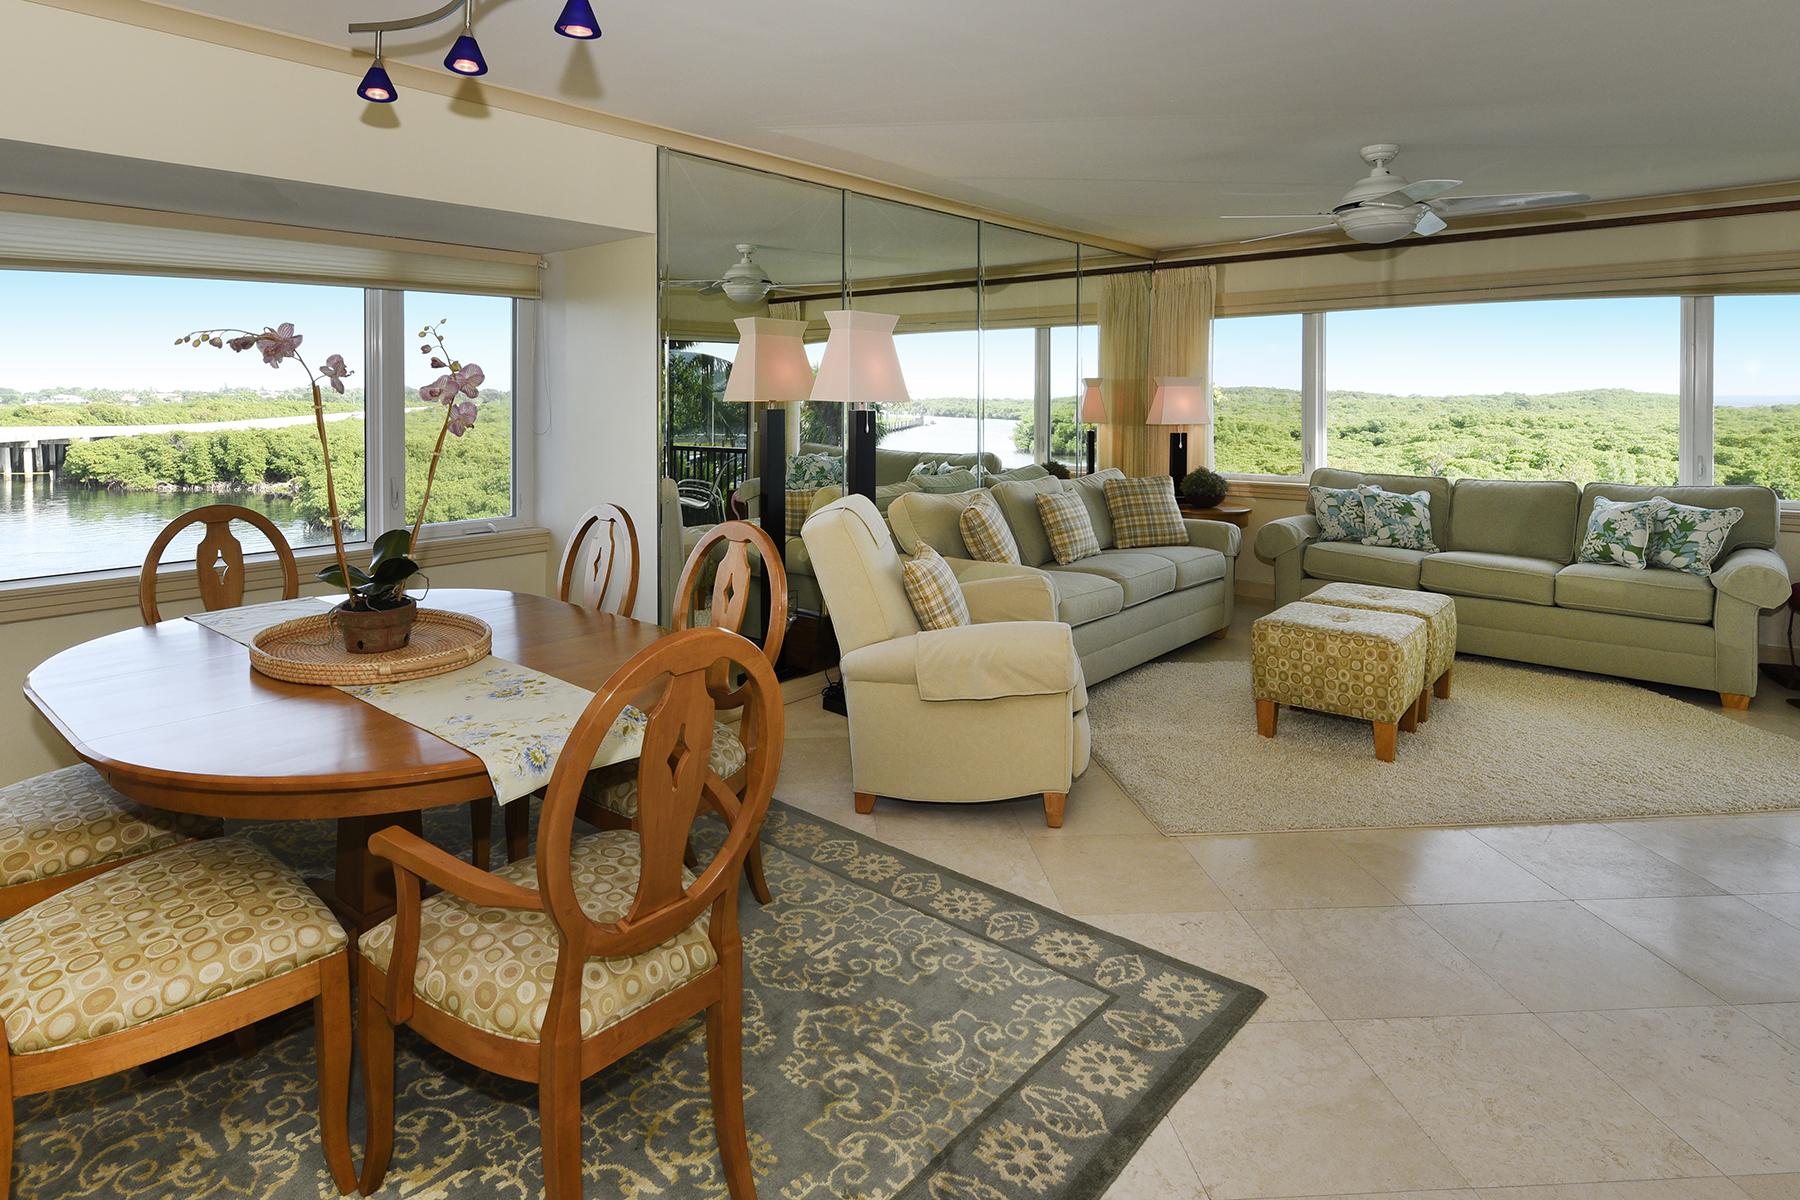 Condominium for Sale at Creek House Condominium at Ocean Reef 201 Creek House Key Largo, Florida 33037 United States